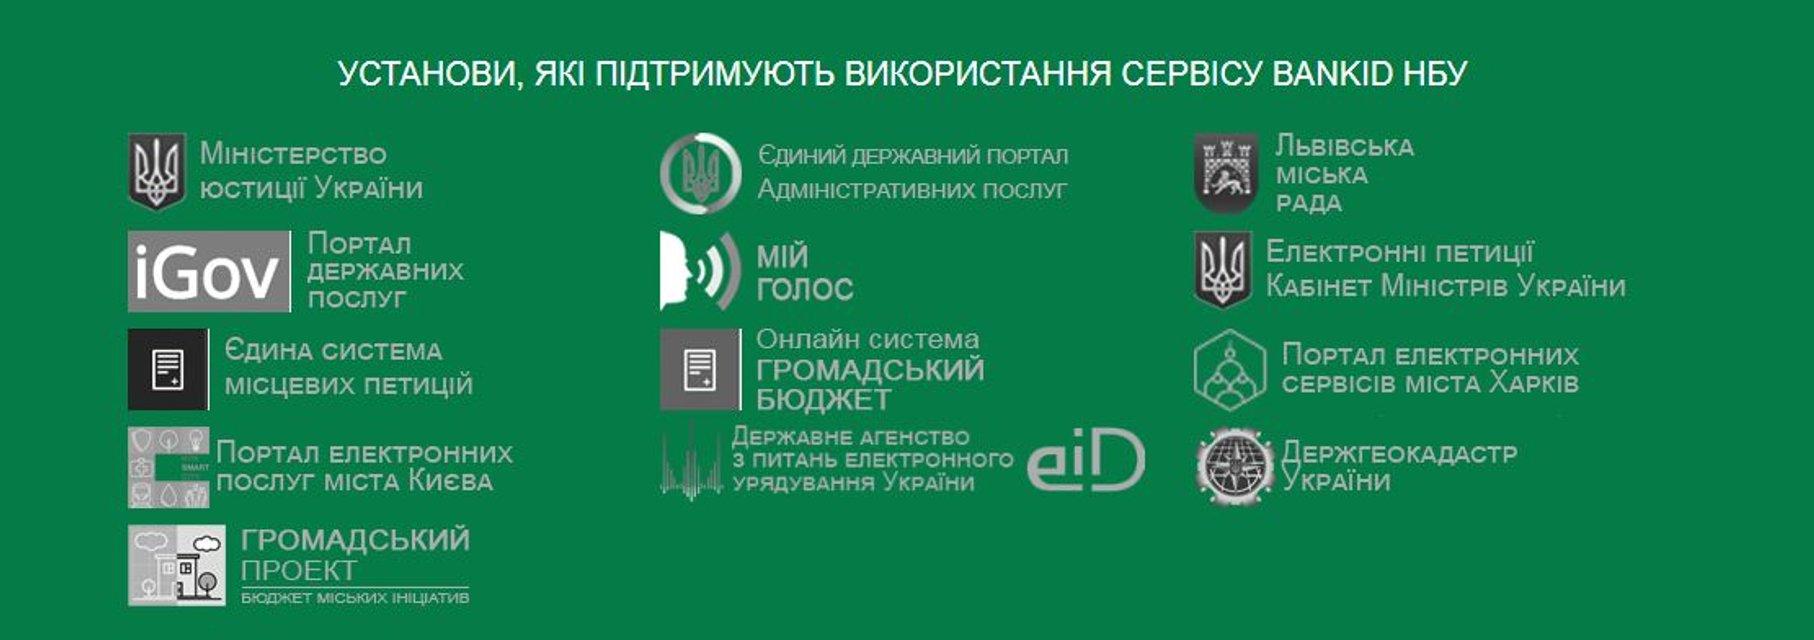 Что такое BankID и принцип работы в Украине - фото 157507